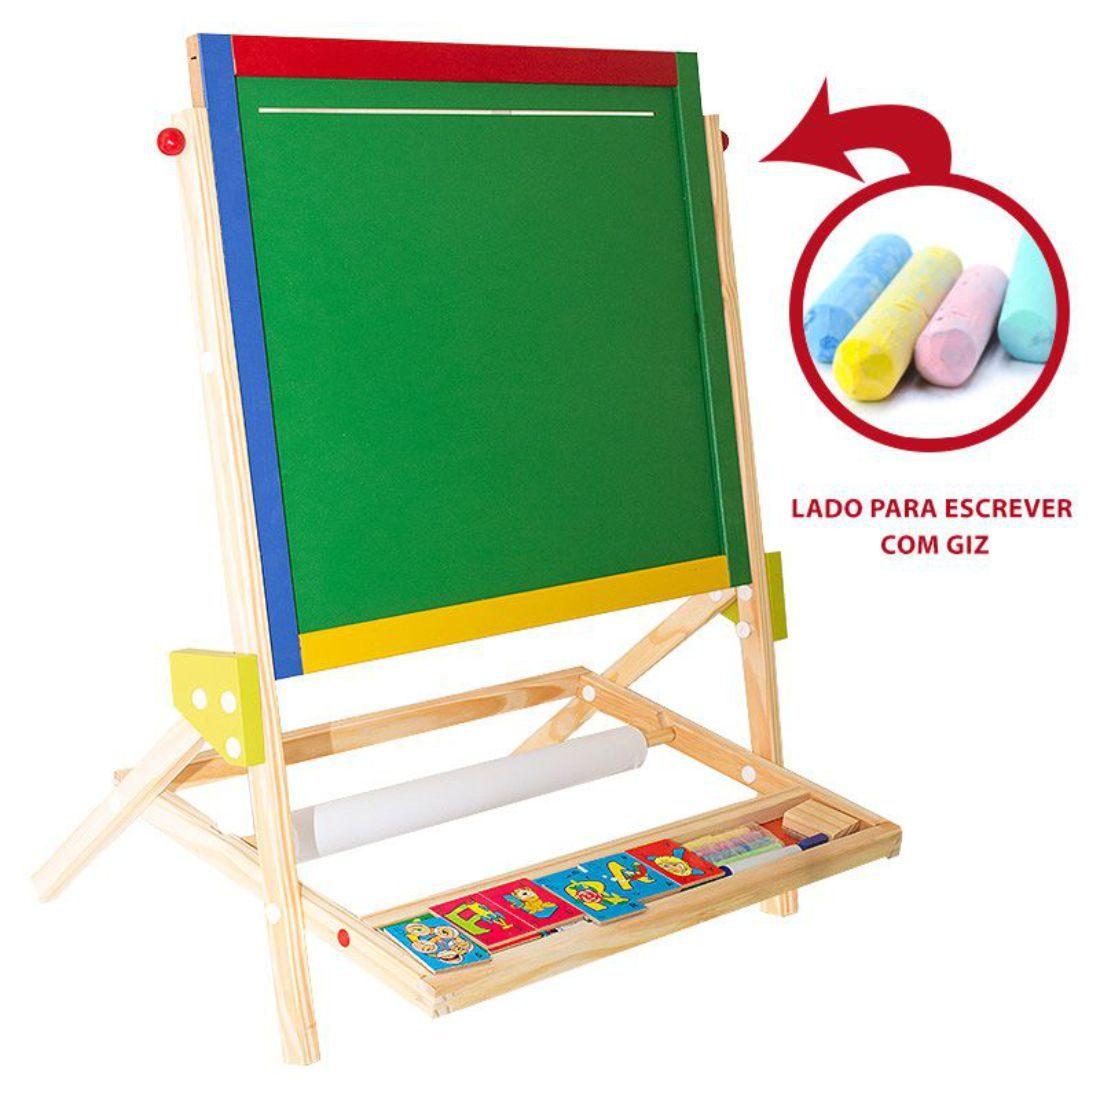 Quadro Didático 3 em 1 Brinquedo Educativo de Madeira